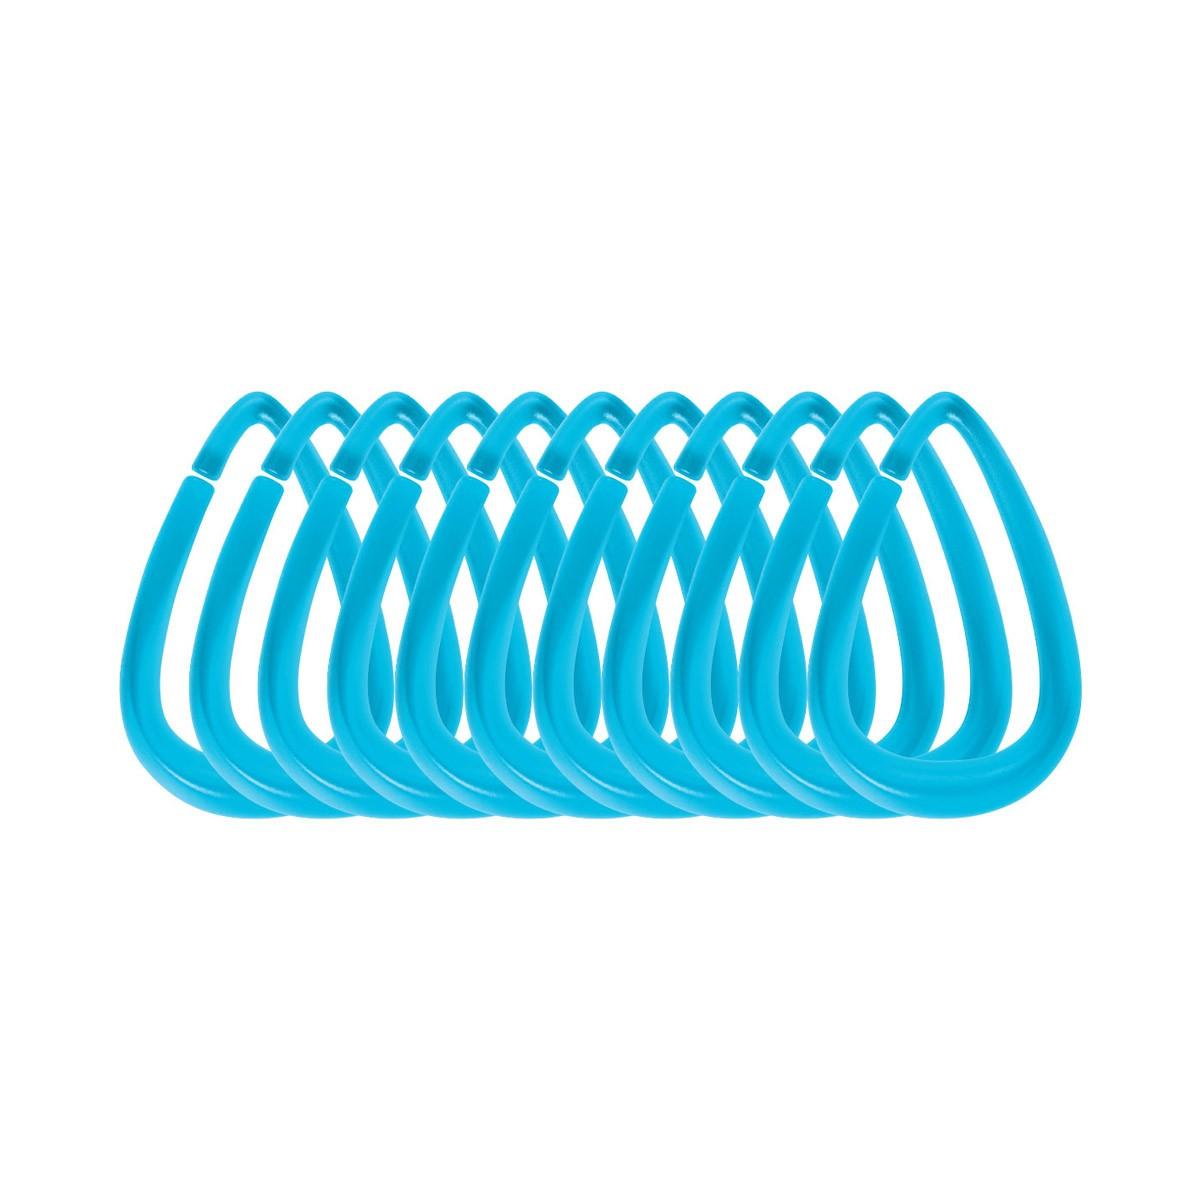 Κρίκοι Κουρτίνας Μπάνιου 12τμχ Spirella Drop 03819 Aqua